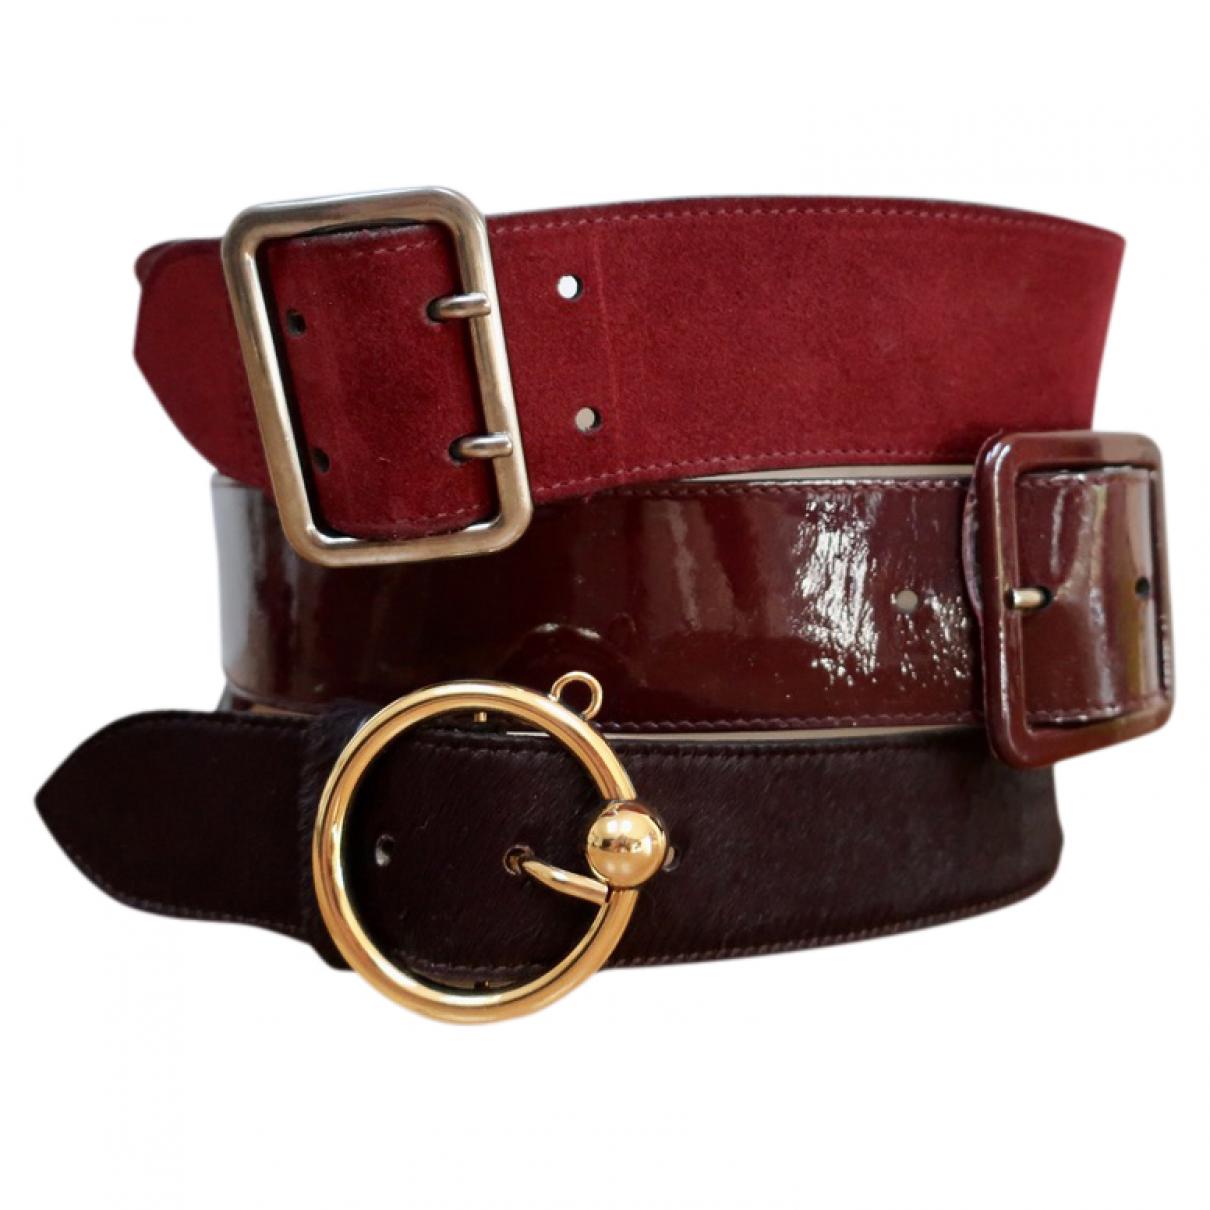 Cinturon de Cuero Jean Paul Gaultier